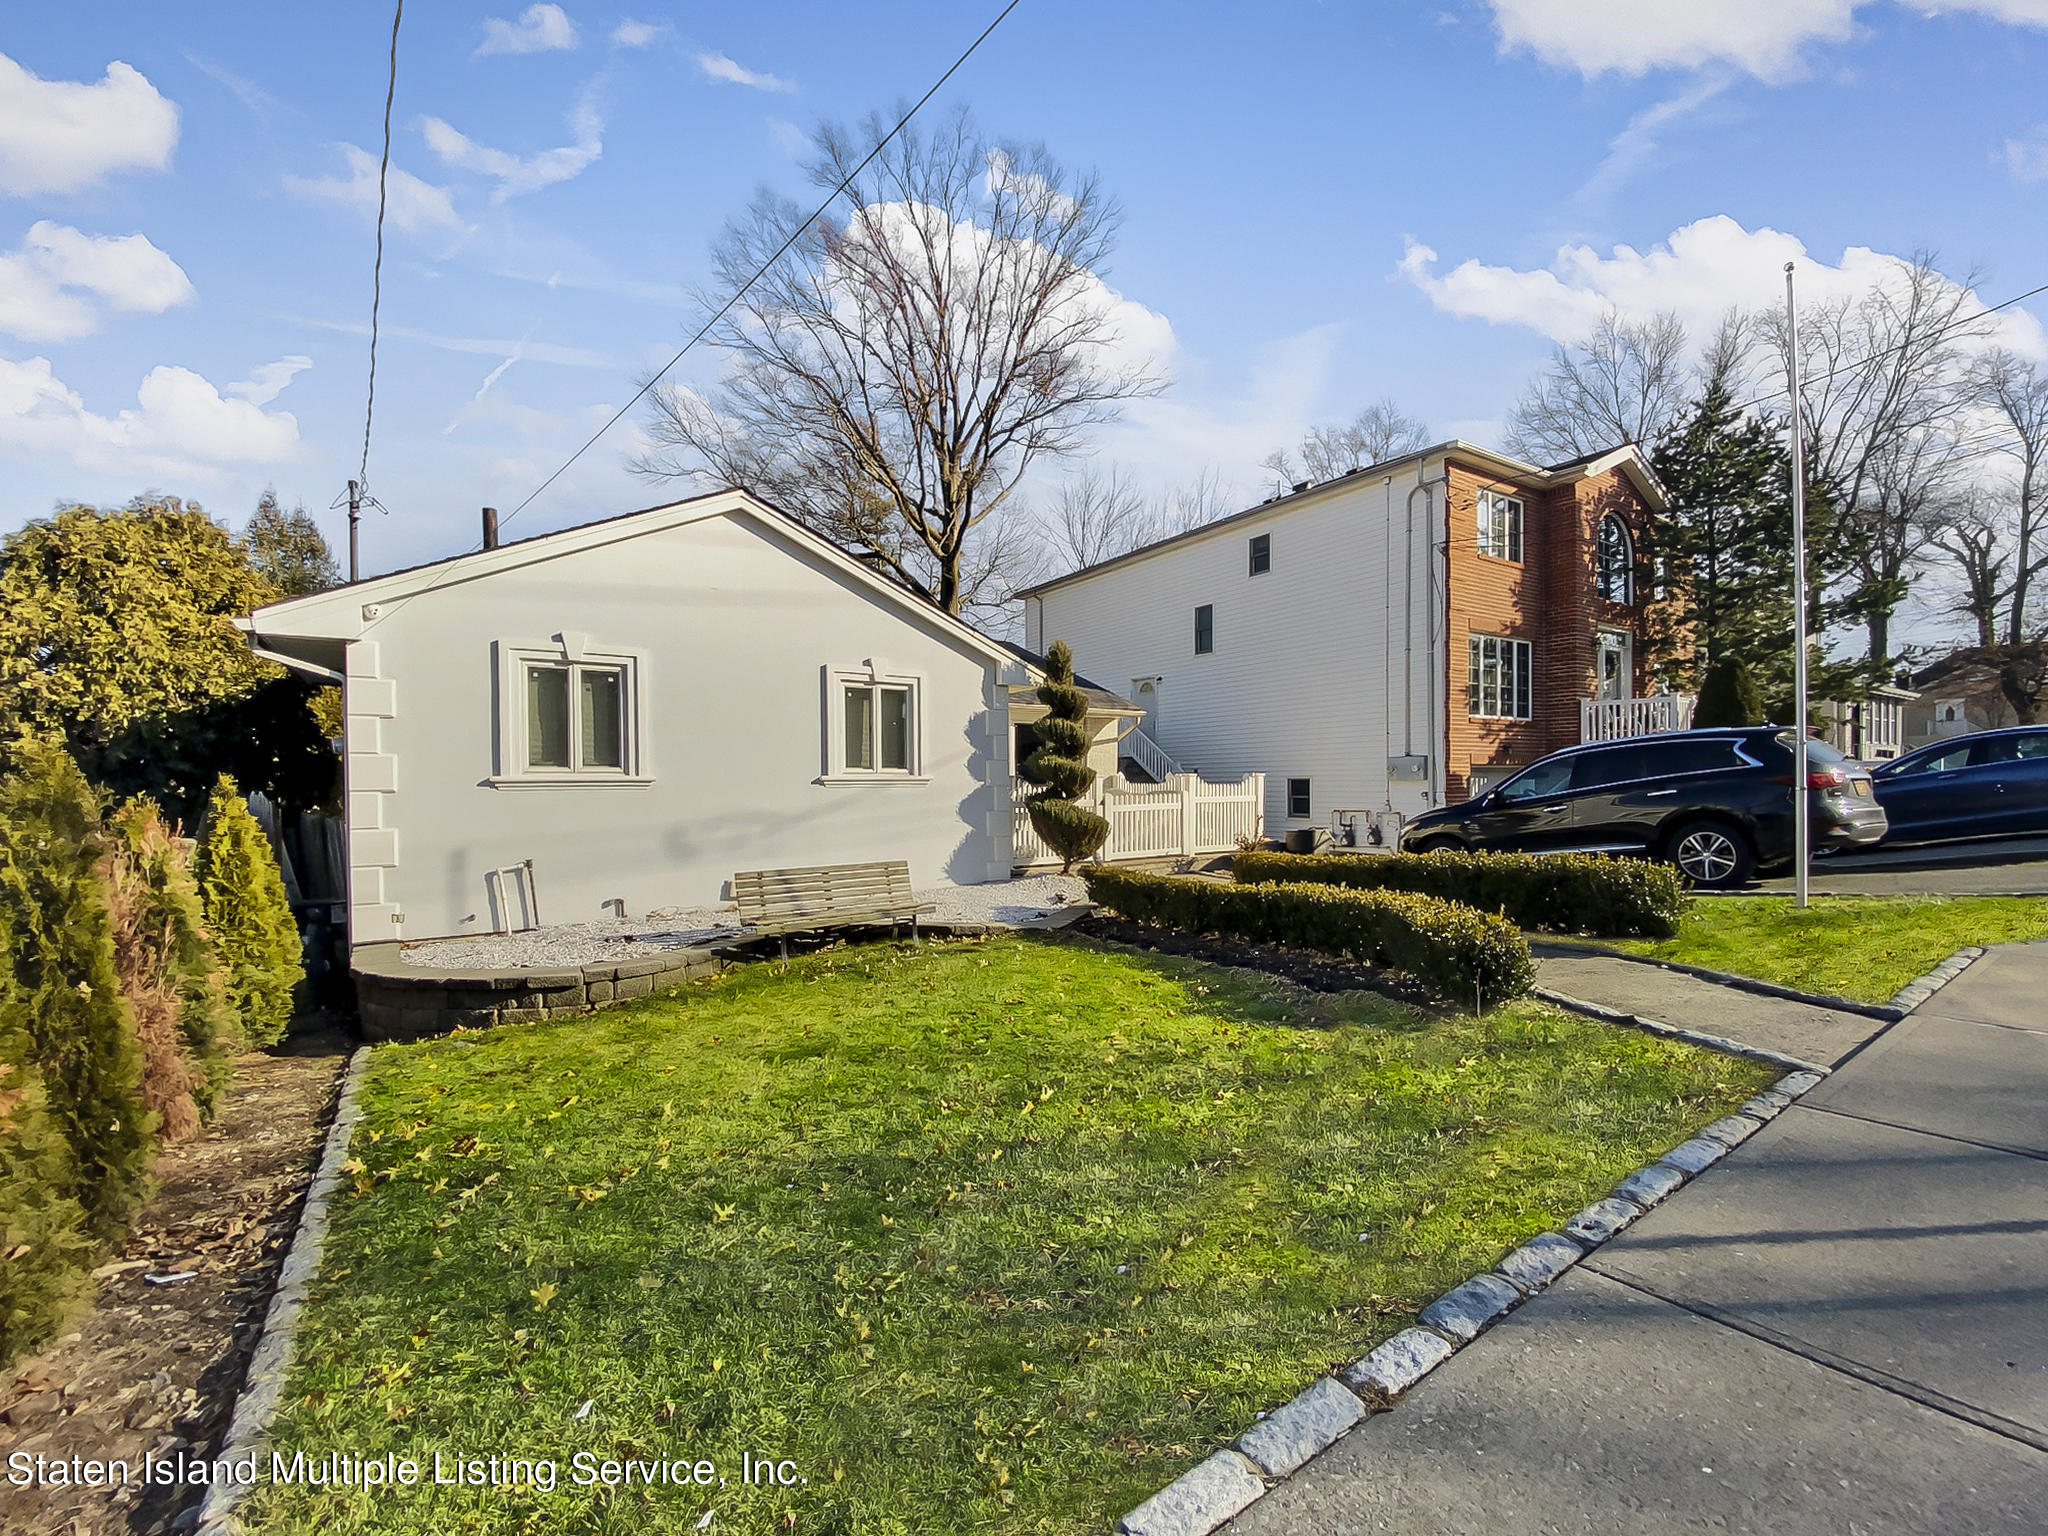 Single Family - Detached 543 Wainwright Avenue  Staten Island, NY 10312, MLS-1143141-4